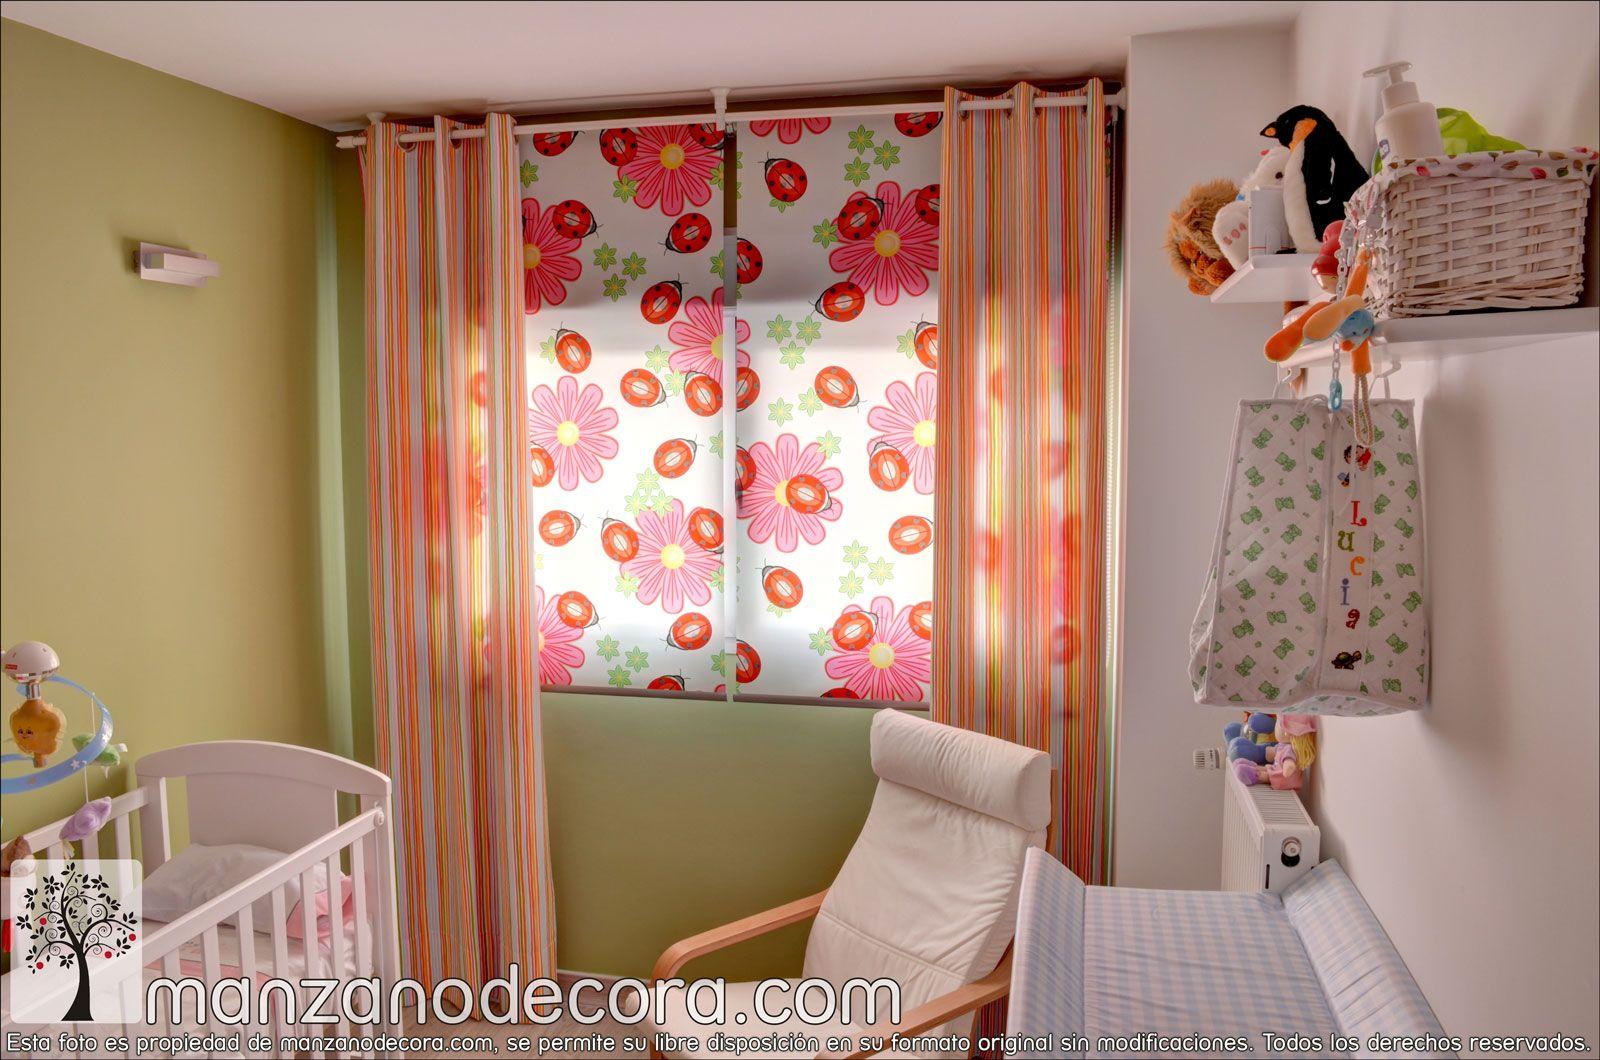 Pin de manzanodecora en estores pinterest cortinas cortinas infantiles y estores enrollables - Cortinas enrollables infantiles ...